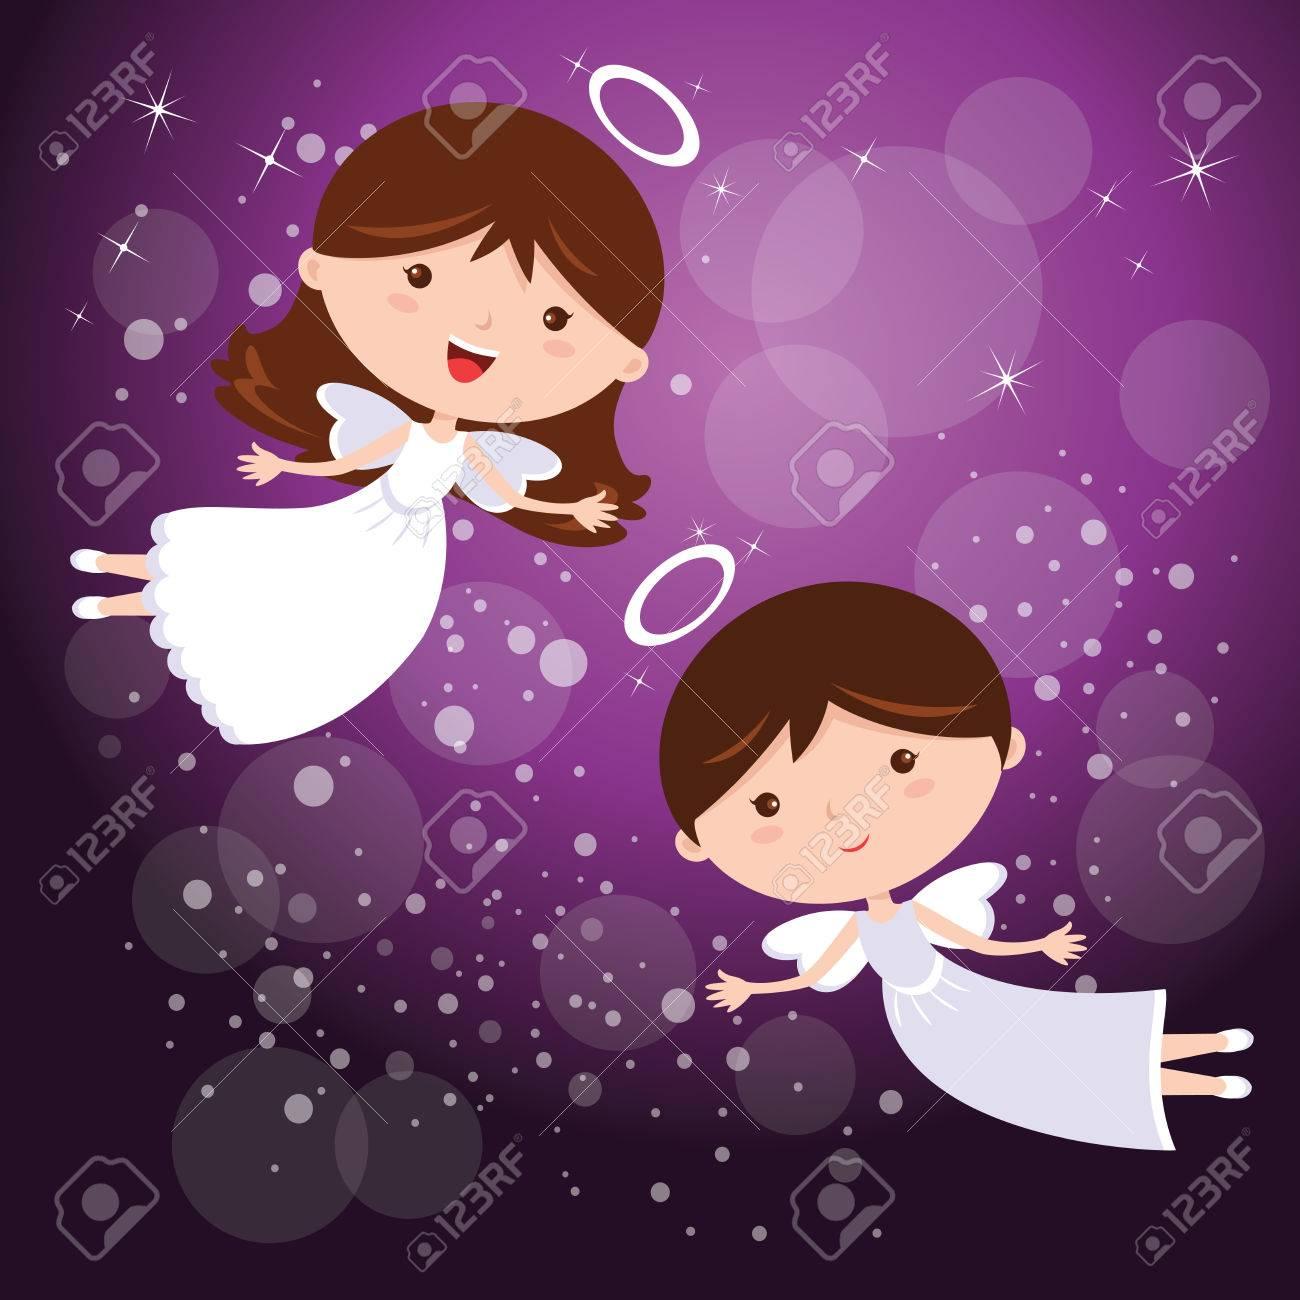 Ngeles Con Cielo Púrpura Ilustración De Dos Angelitos Baile Con